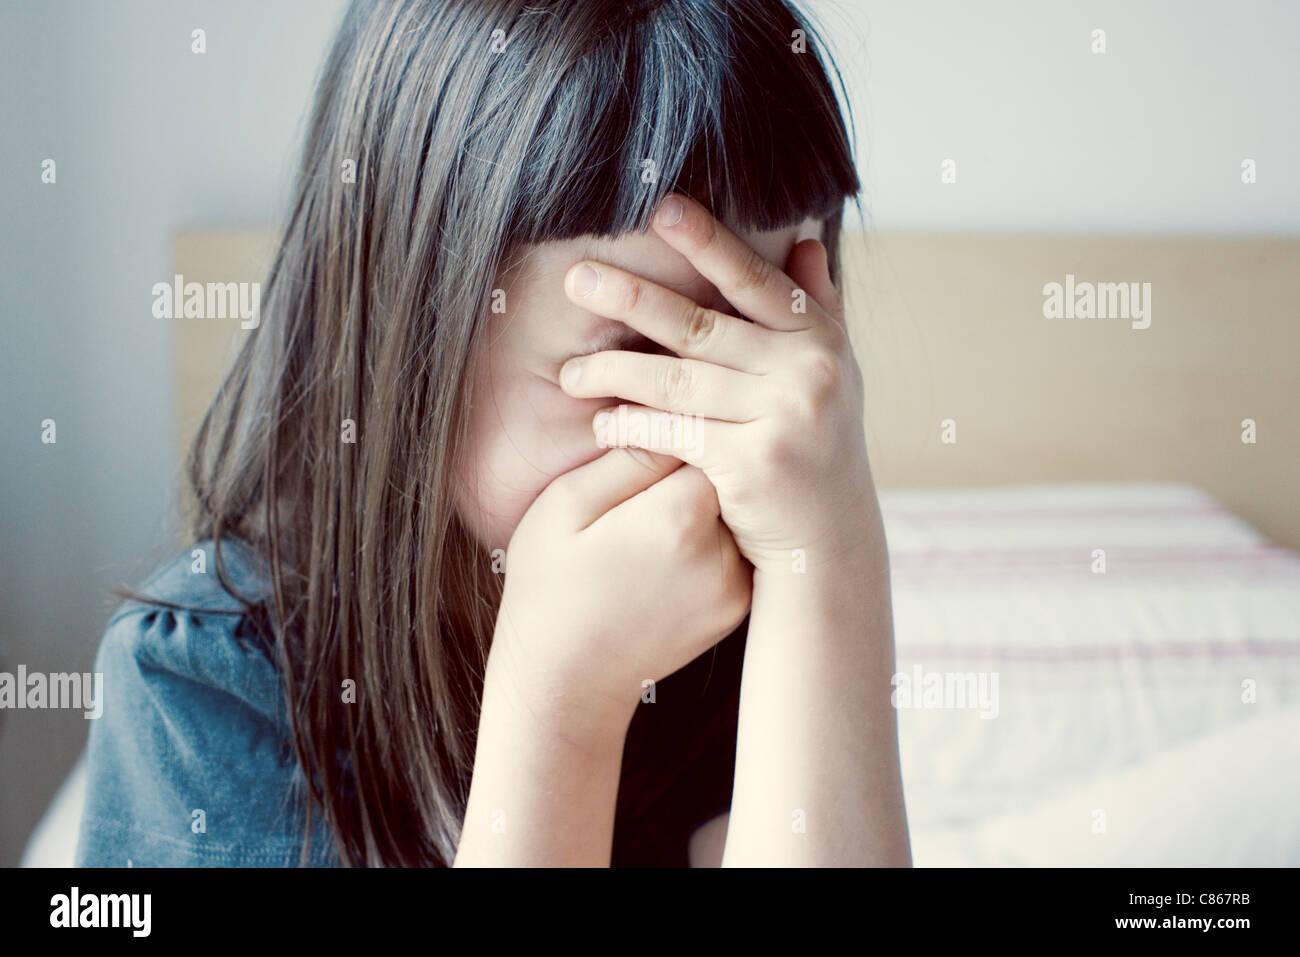 Girl couvrant le visage avec les mains Photo Stock